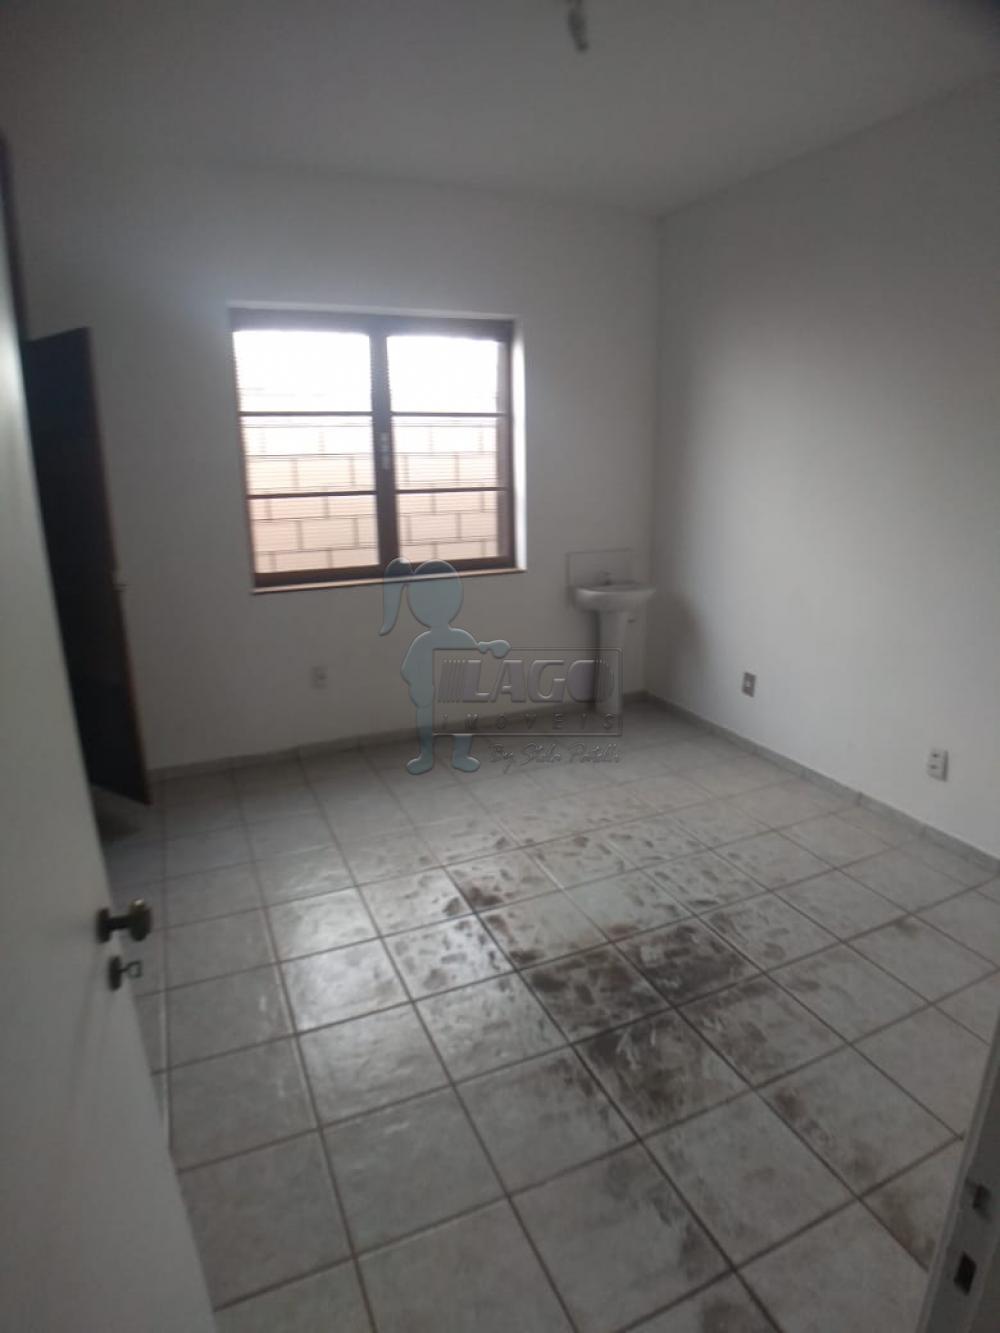 Alugar Comercial / Imóvel Comercial em Ribeirão Preto apenas R$ 3.000,00 - Foto 7